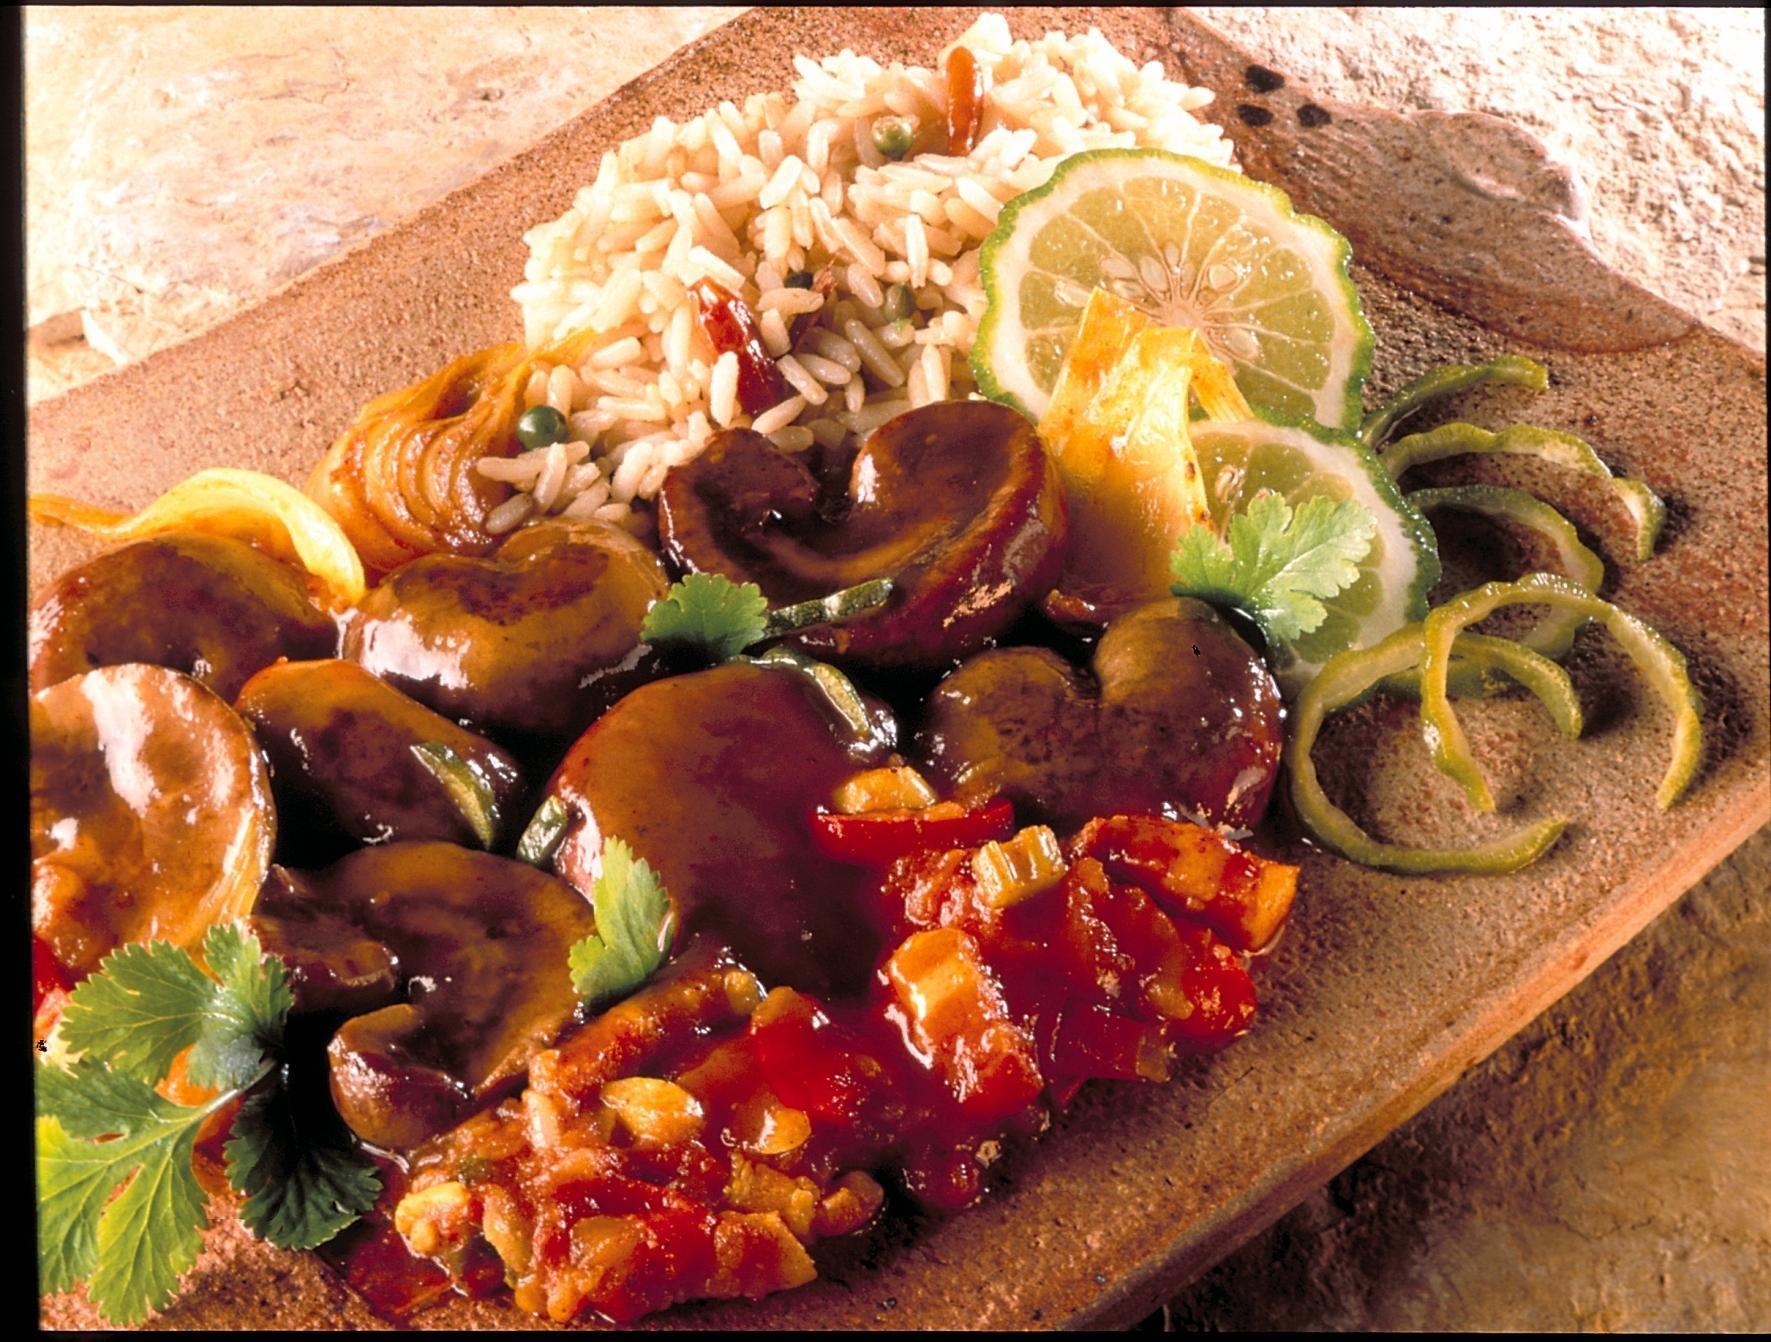 Cuisiner rognons de veau comment cuisiner les rognons 28 - Cuisiner le collier de veau ...